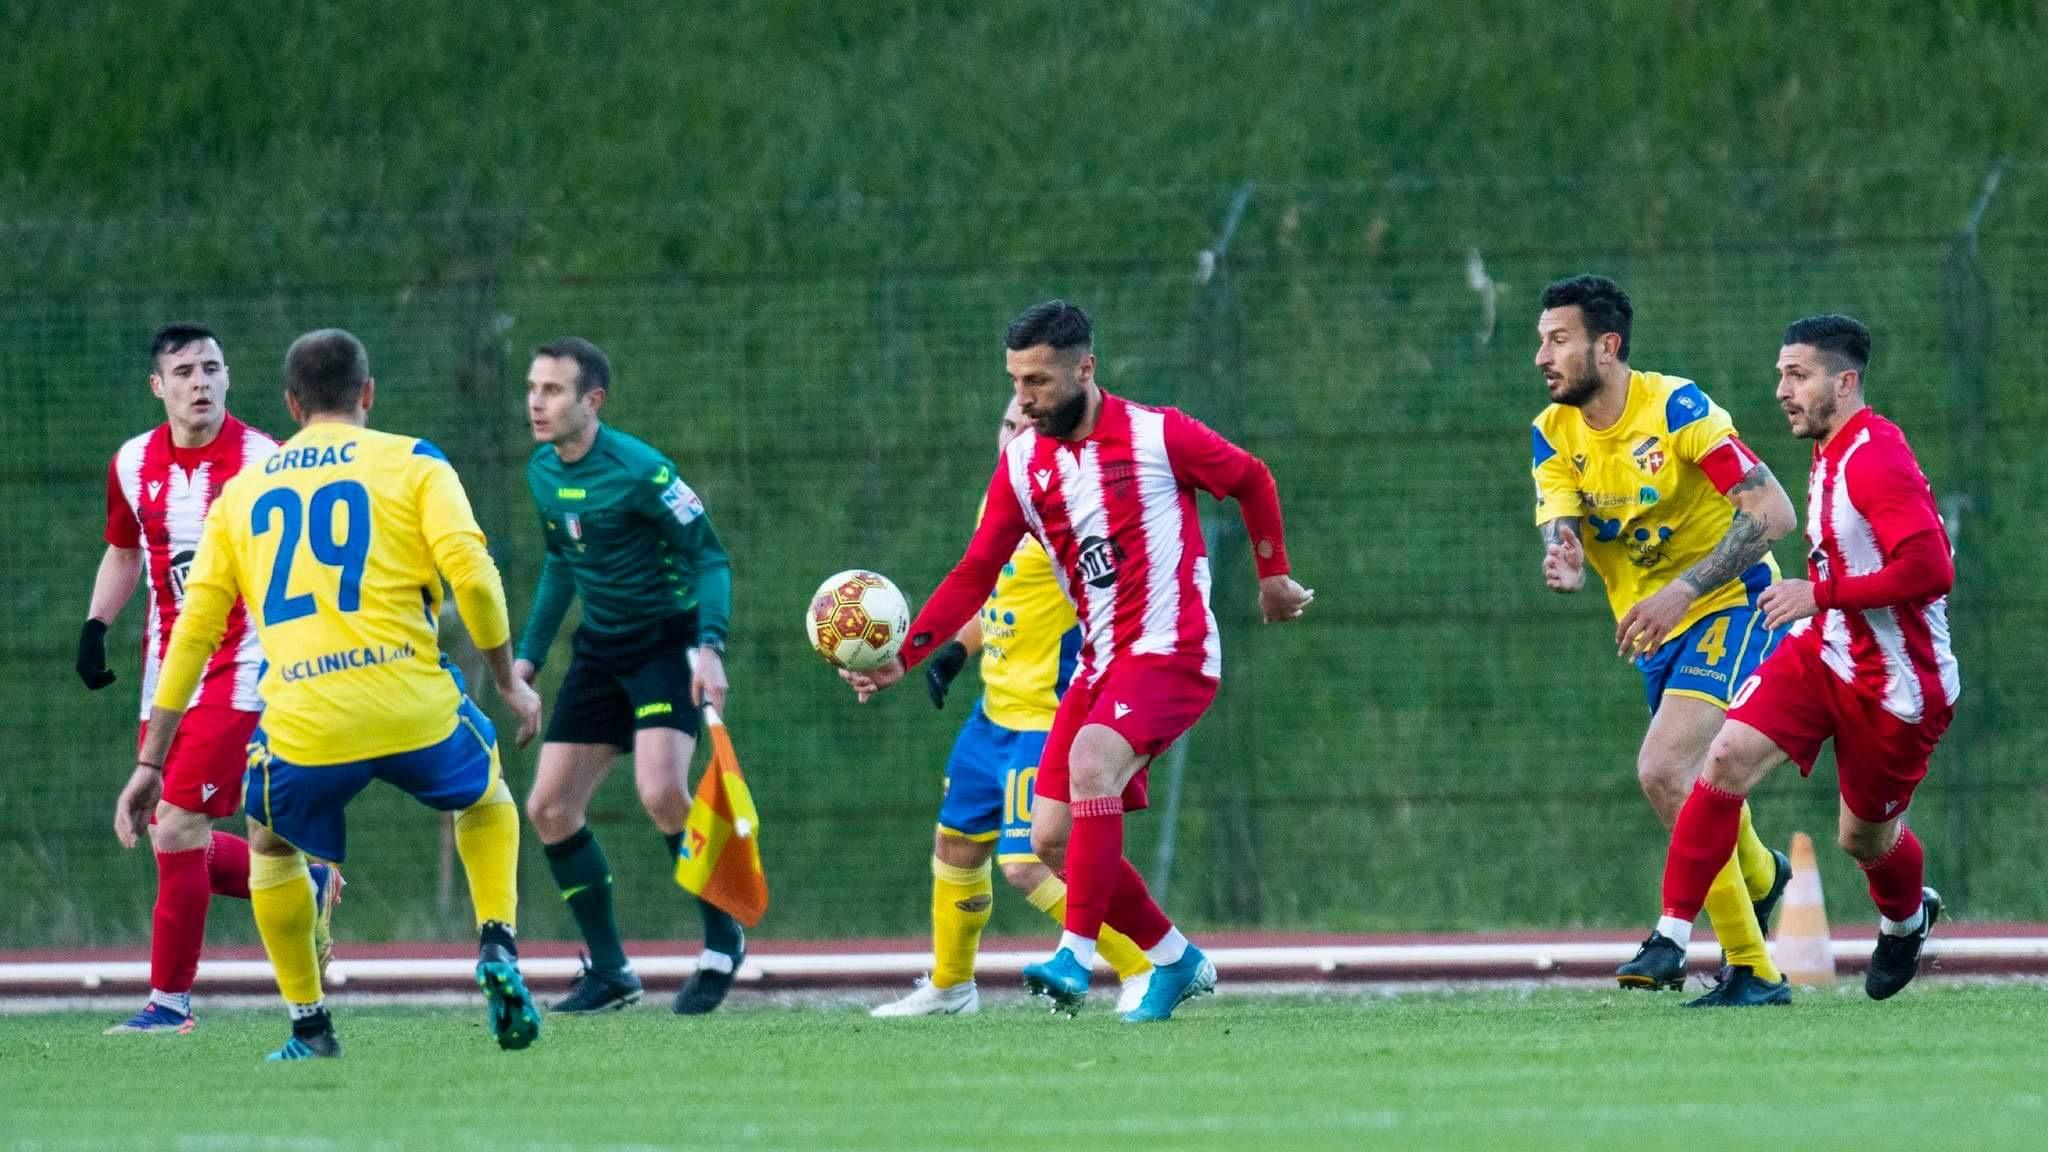 Matelica-Fermana 5-1. In gol Leonetti (2), Moretti e Volpicelli (2)